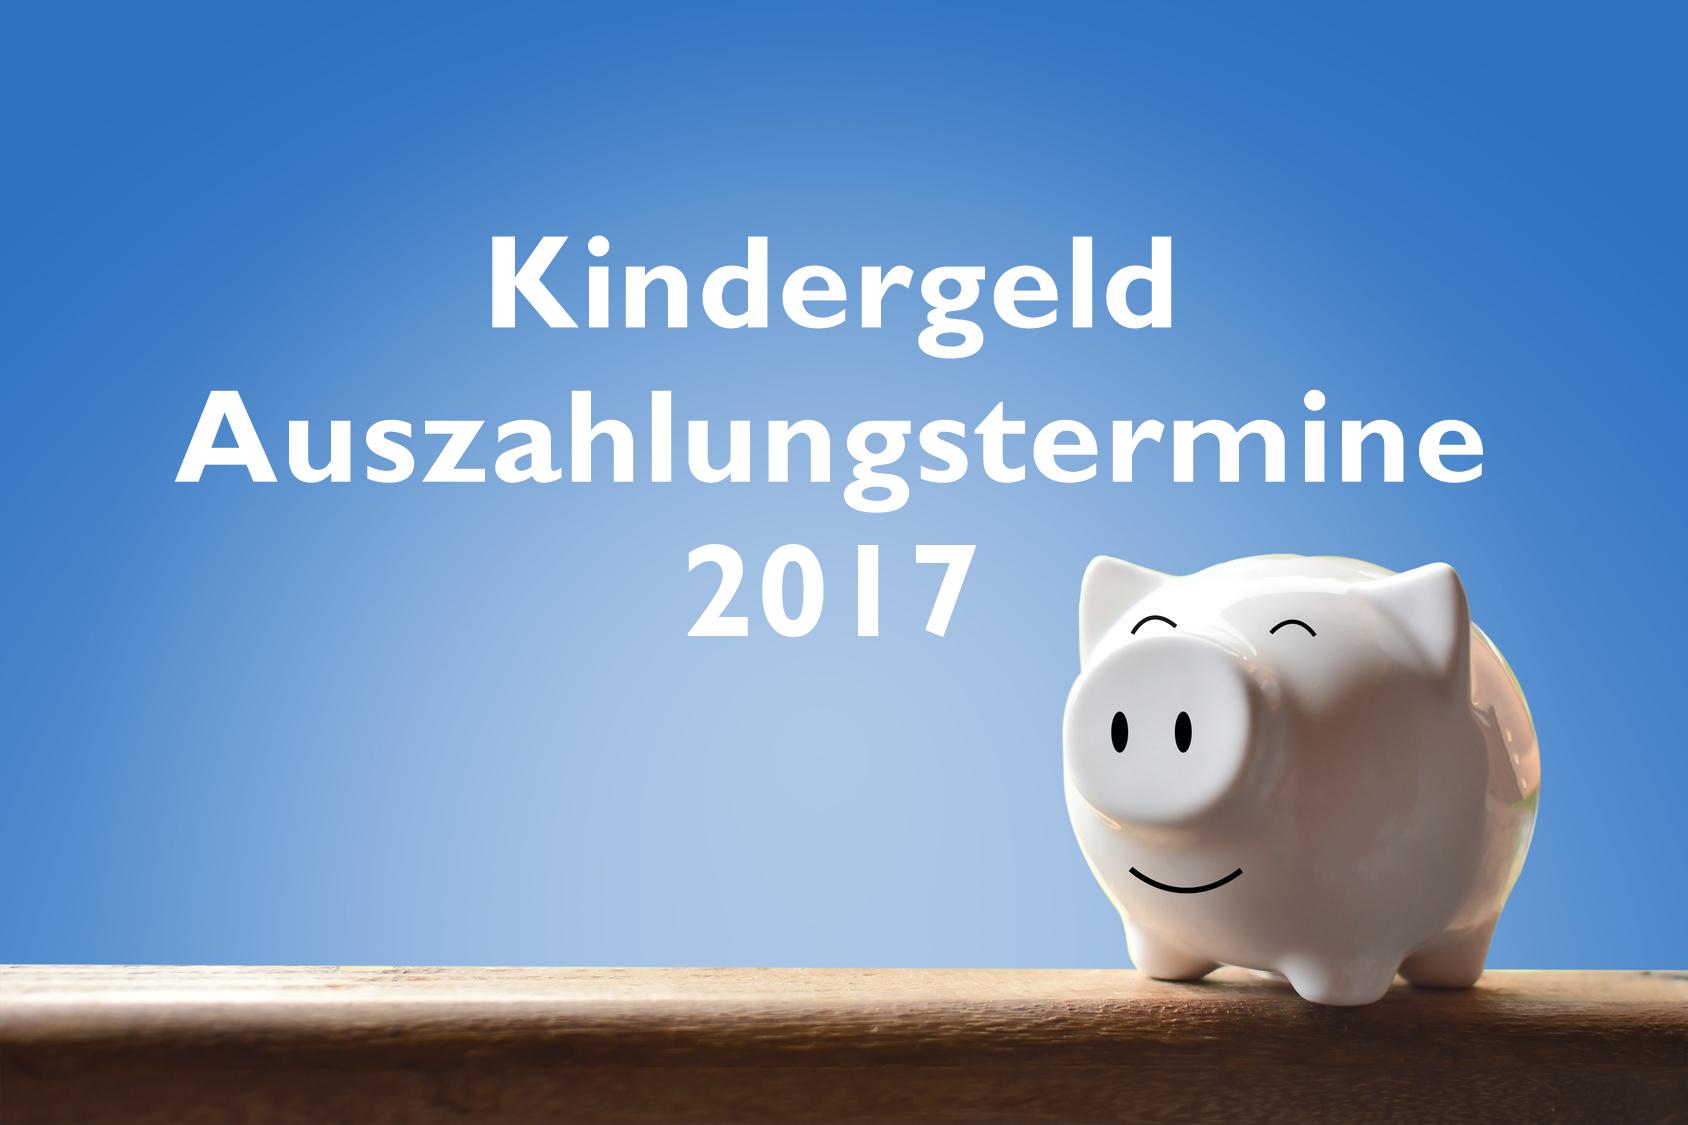 Kindergeld Auszahlungstermine 2017 Tabelle Kindergeld Kinder Geld